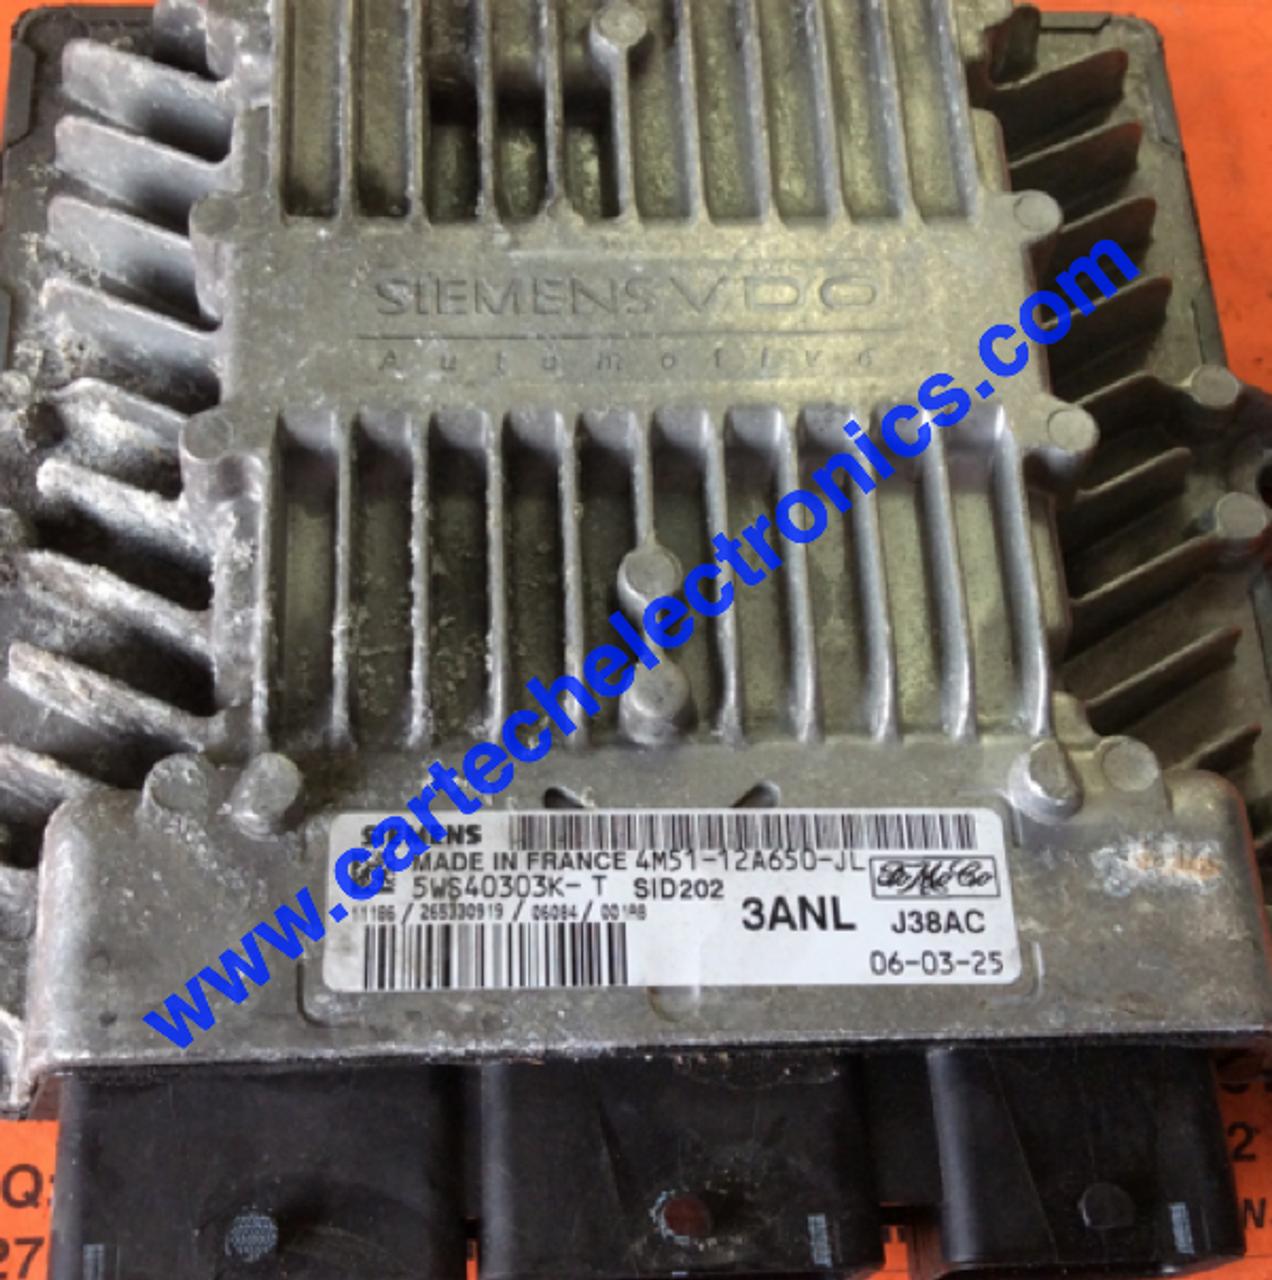 Plug & Play Ford Siemens, Engine ECU, SID202, 5WS40303K-T, 4M51-12A650-JL,  3ANL